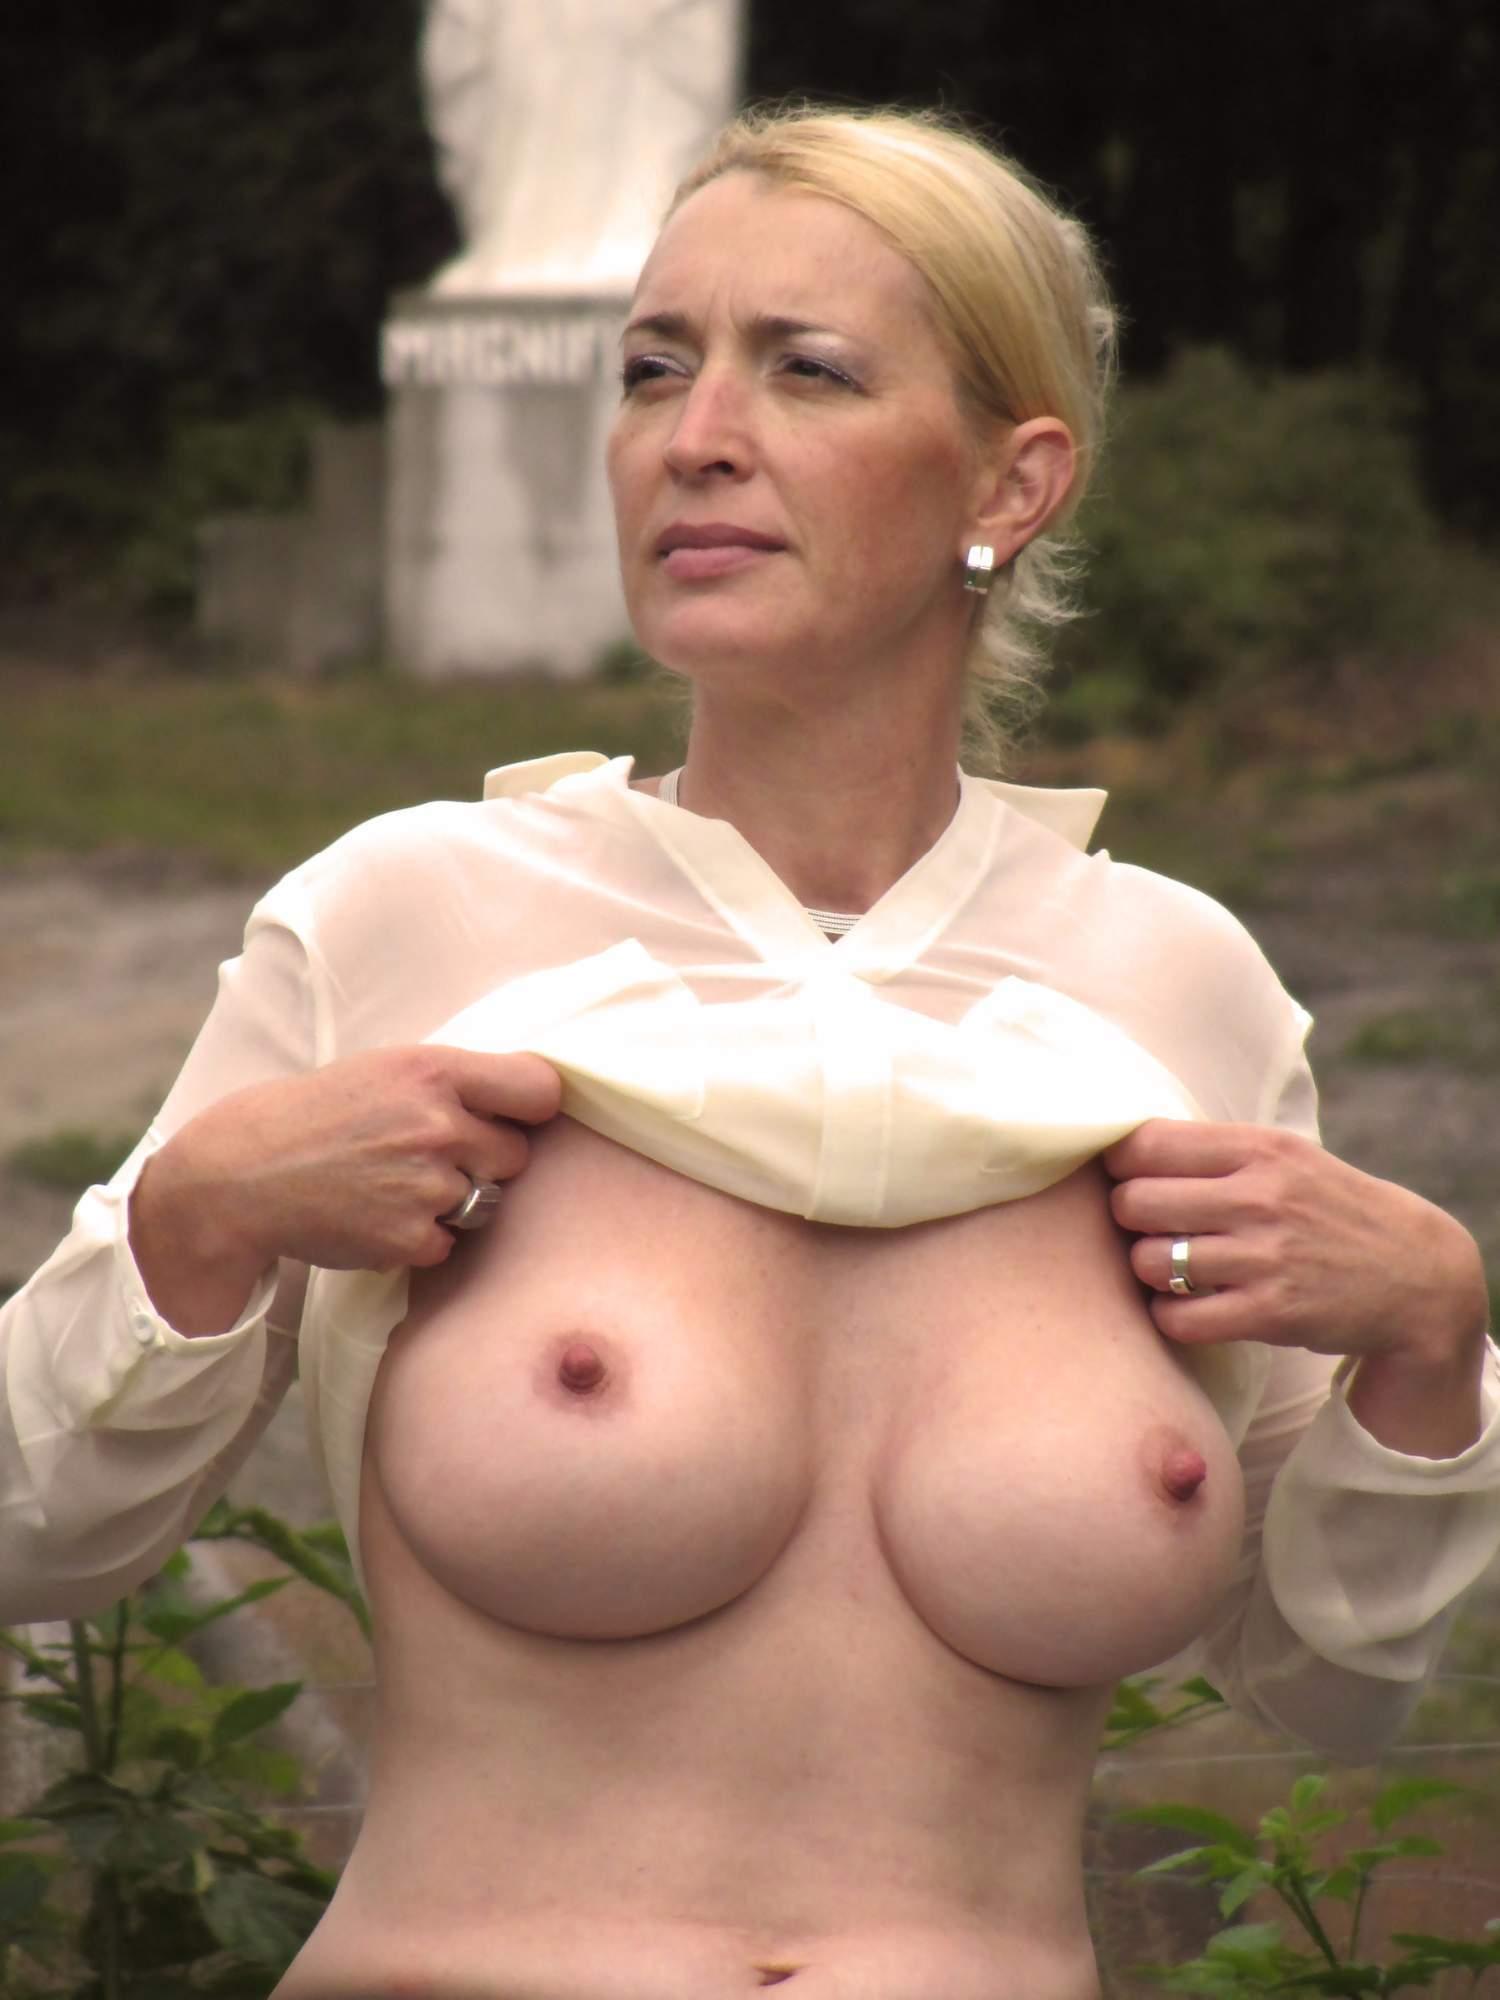 http://img24.rajce.idnes.cz/d2402/13/13133/13133717_9c6391c5702f90347cd7f2ea12218ba5/images/125.jpg